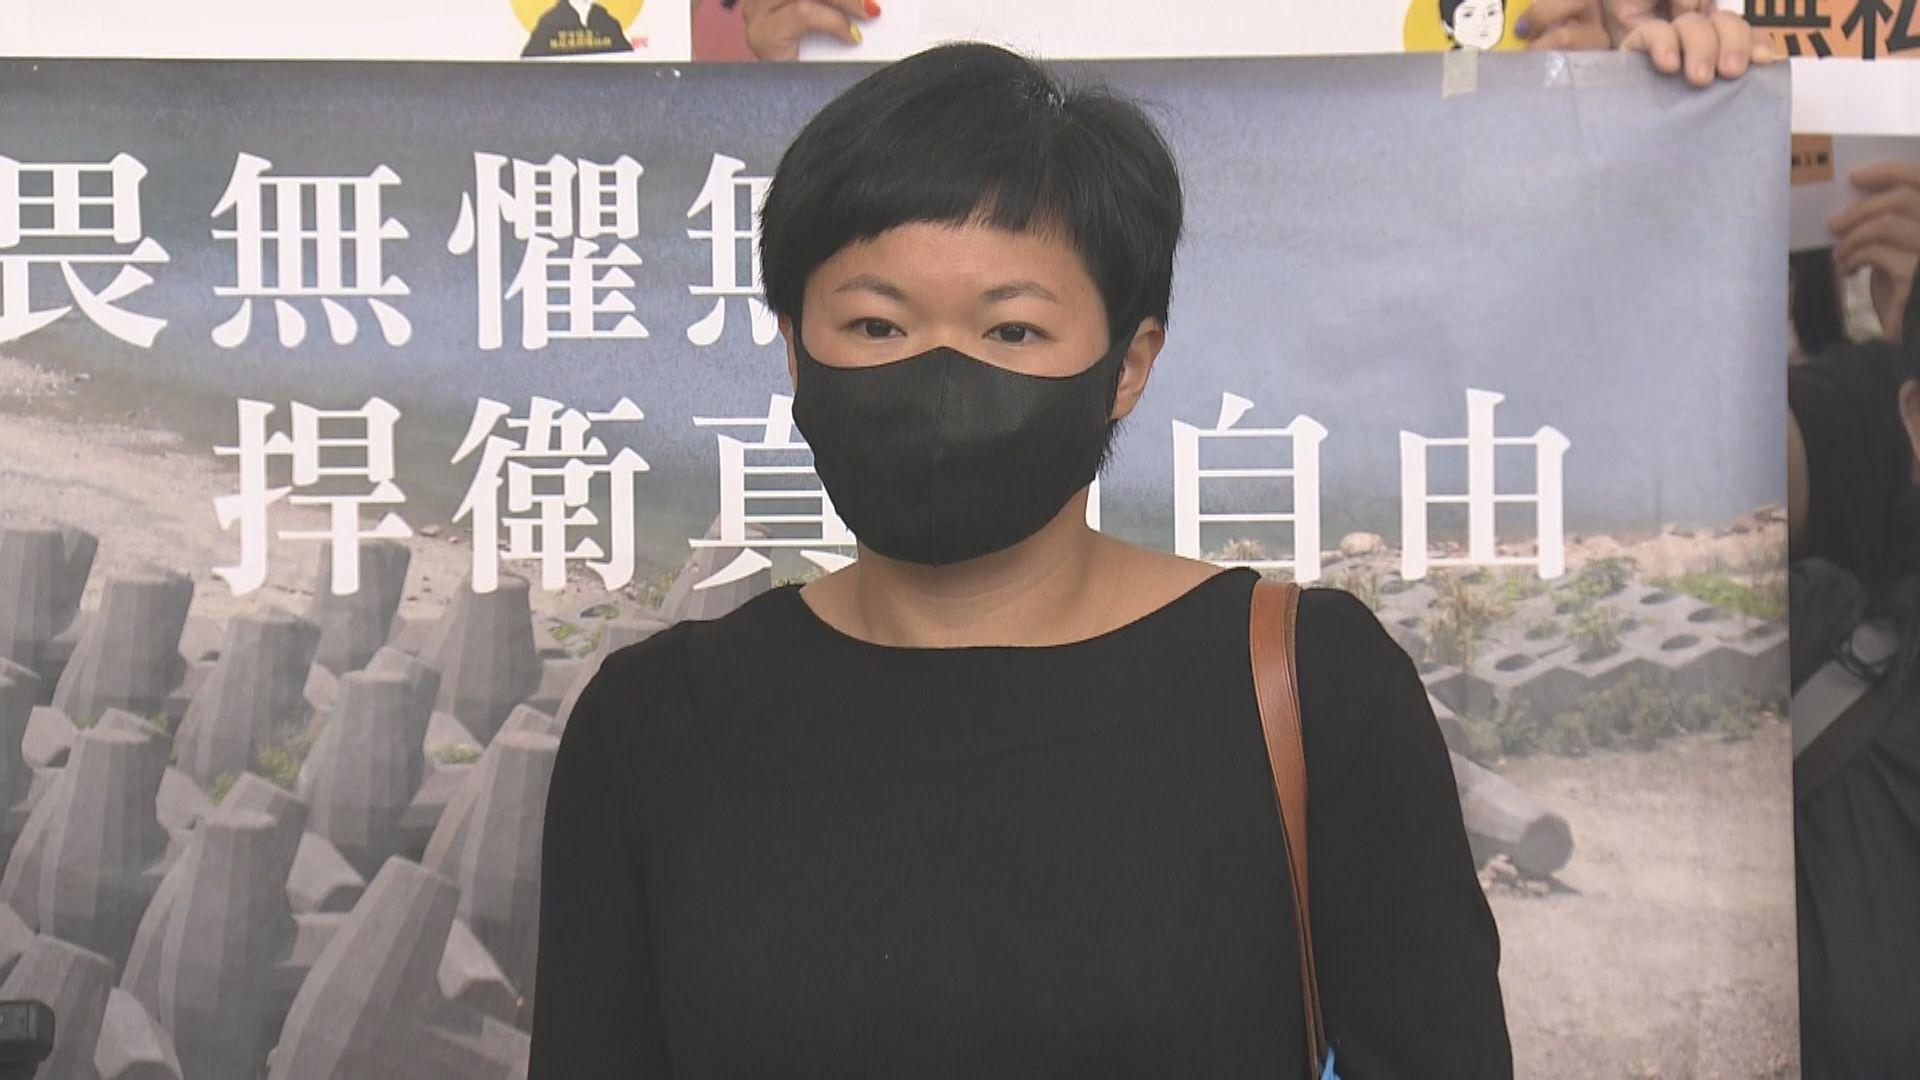 《鏗鏘集》編導蔡玉玲查冊案虛假陳述罪成 罰款六千